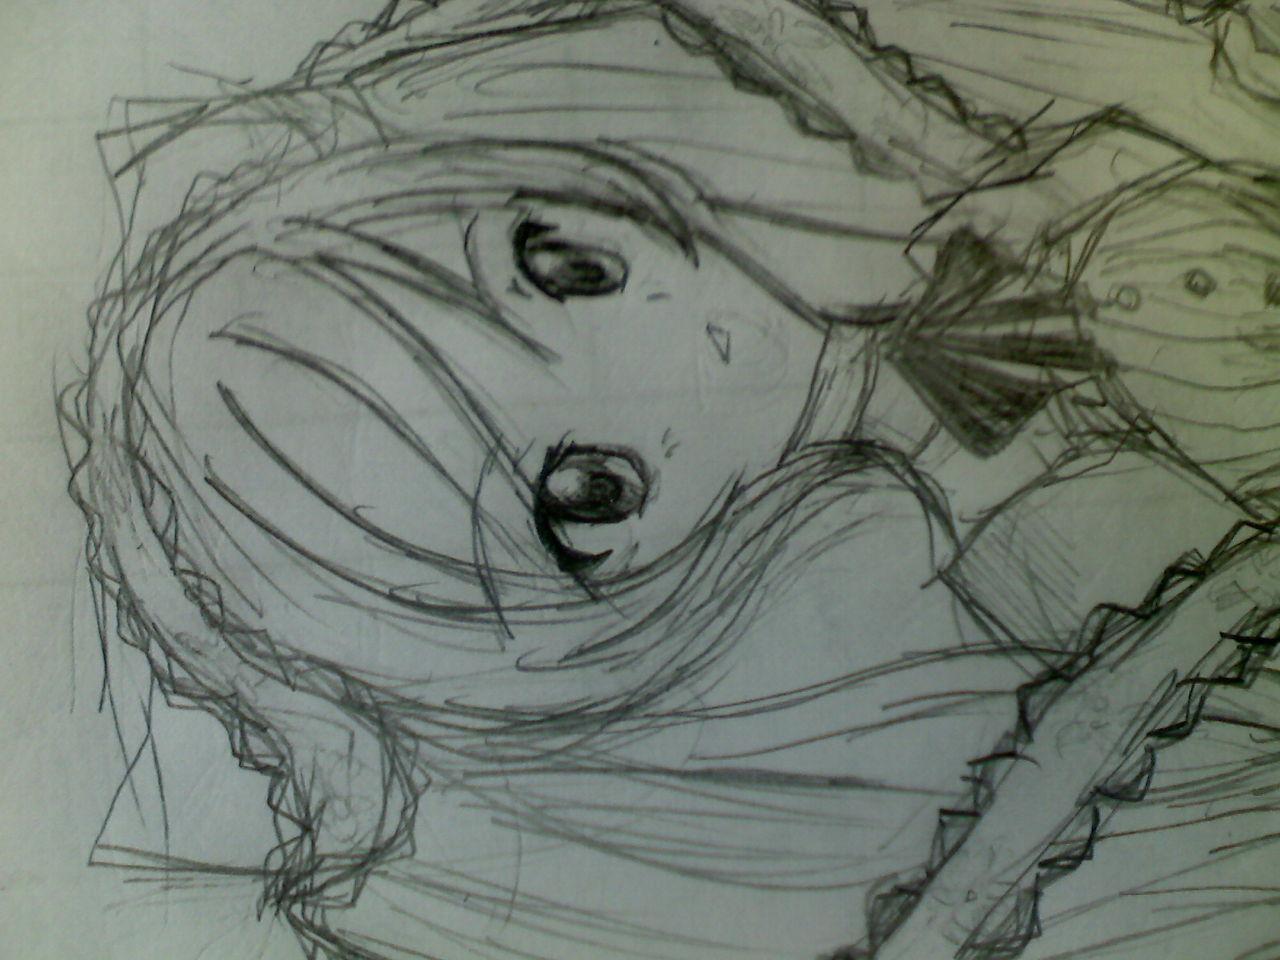 田柾国动漫手绘素描